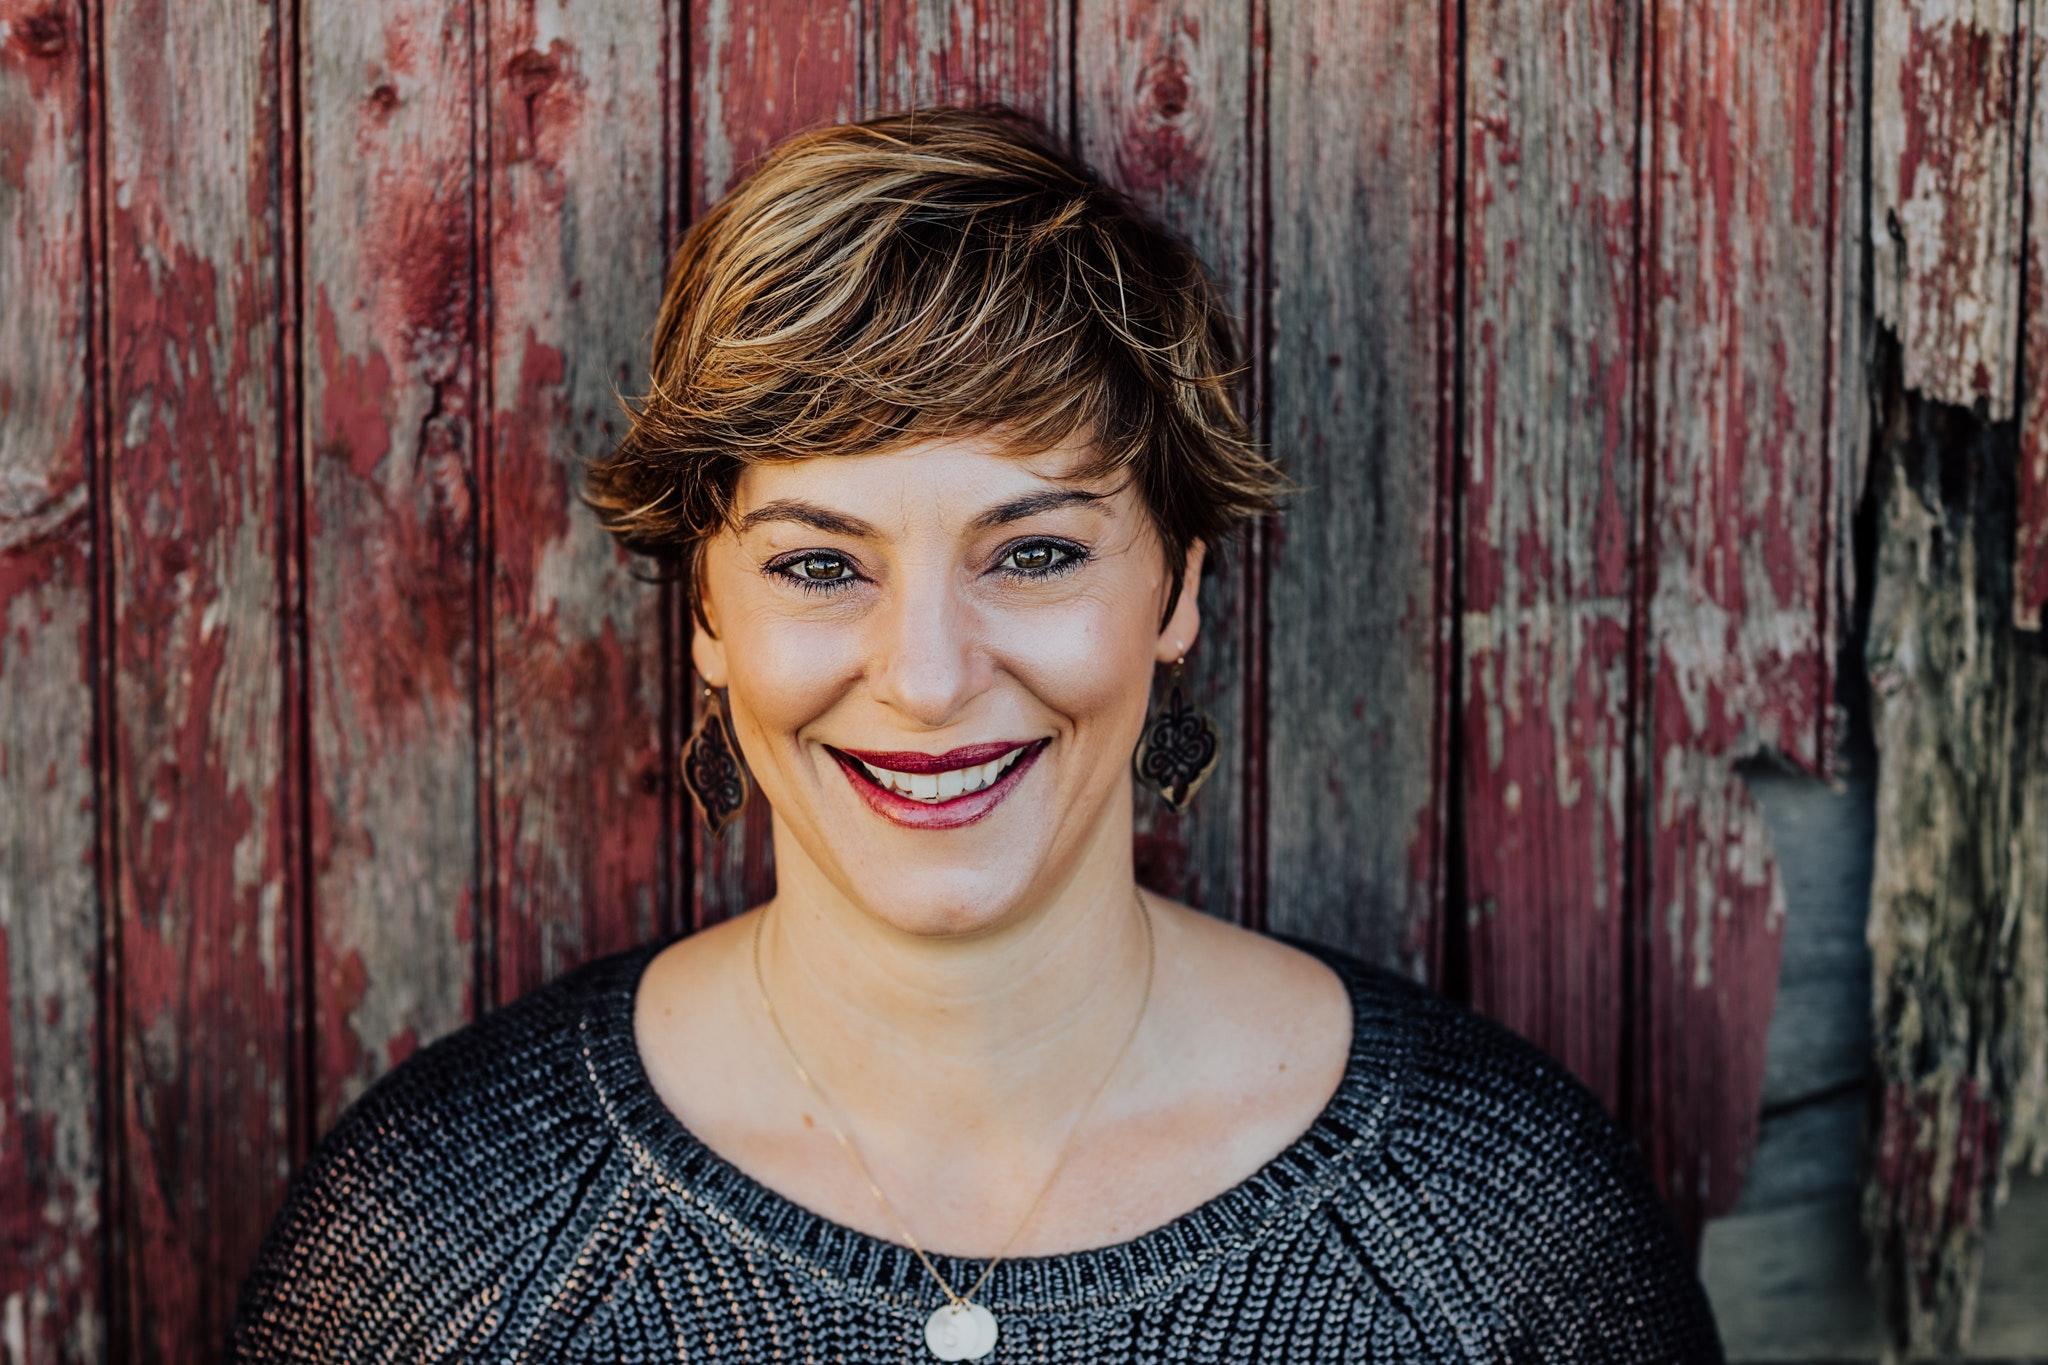 Sarah J. Reed